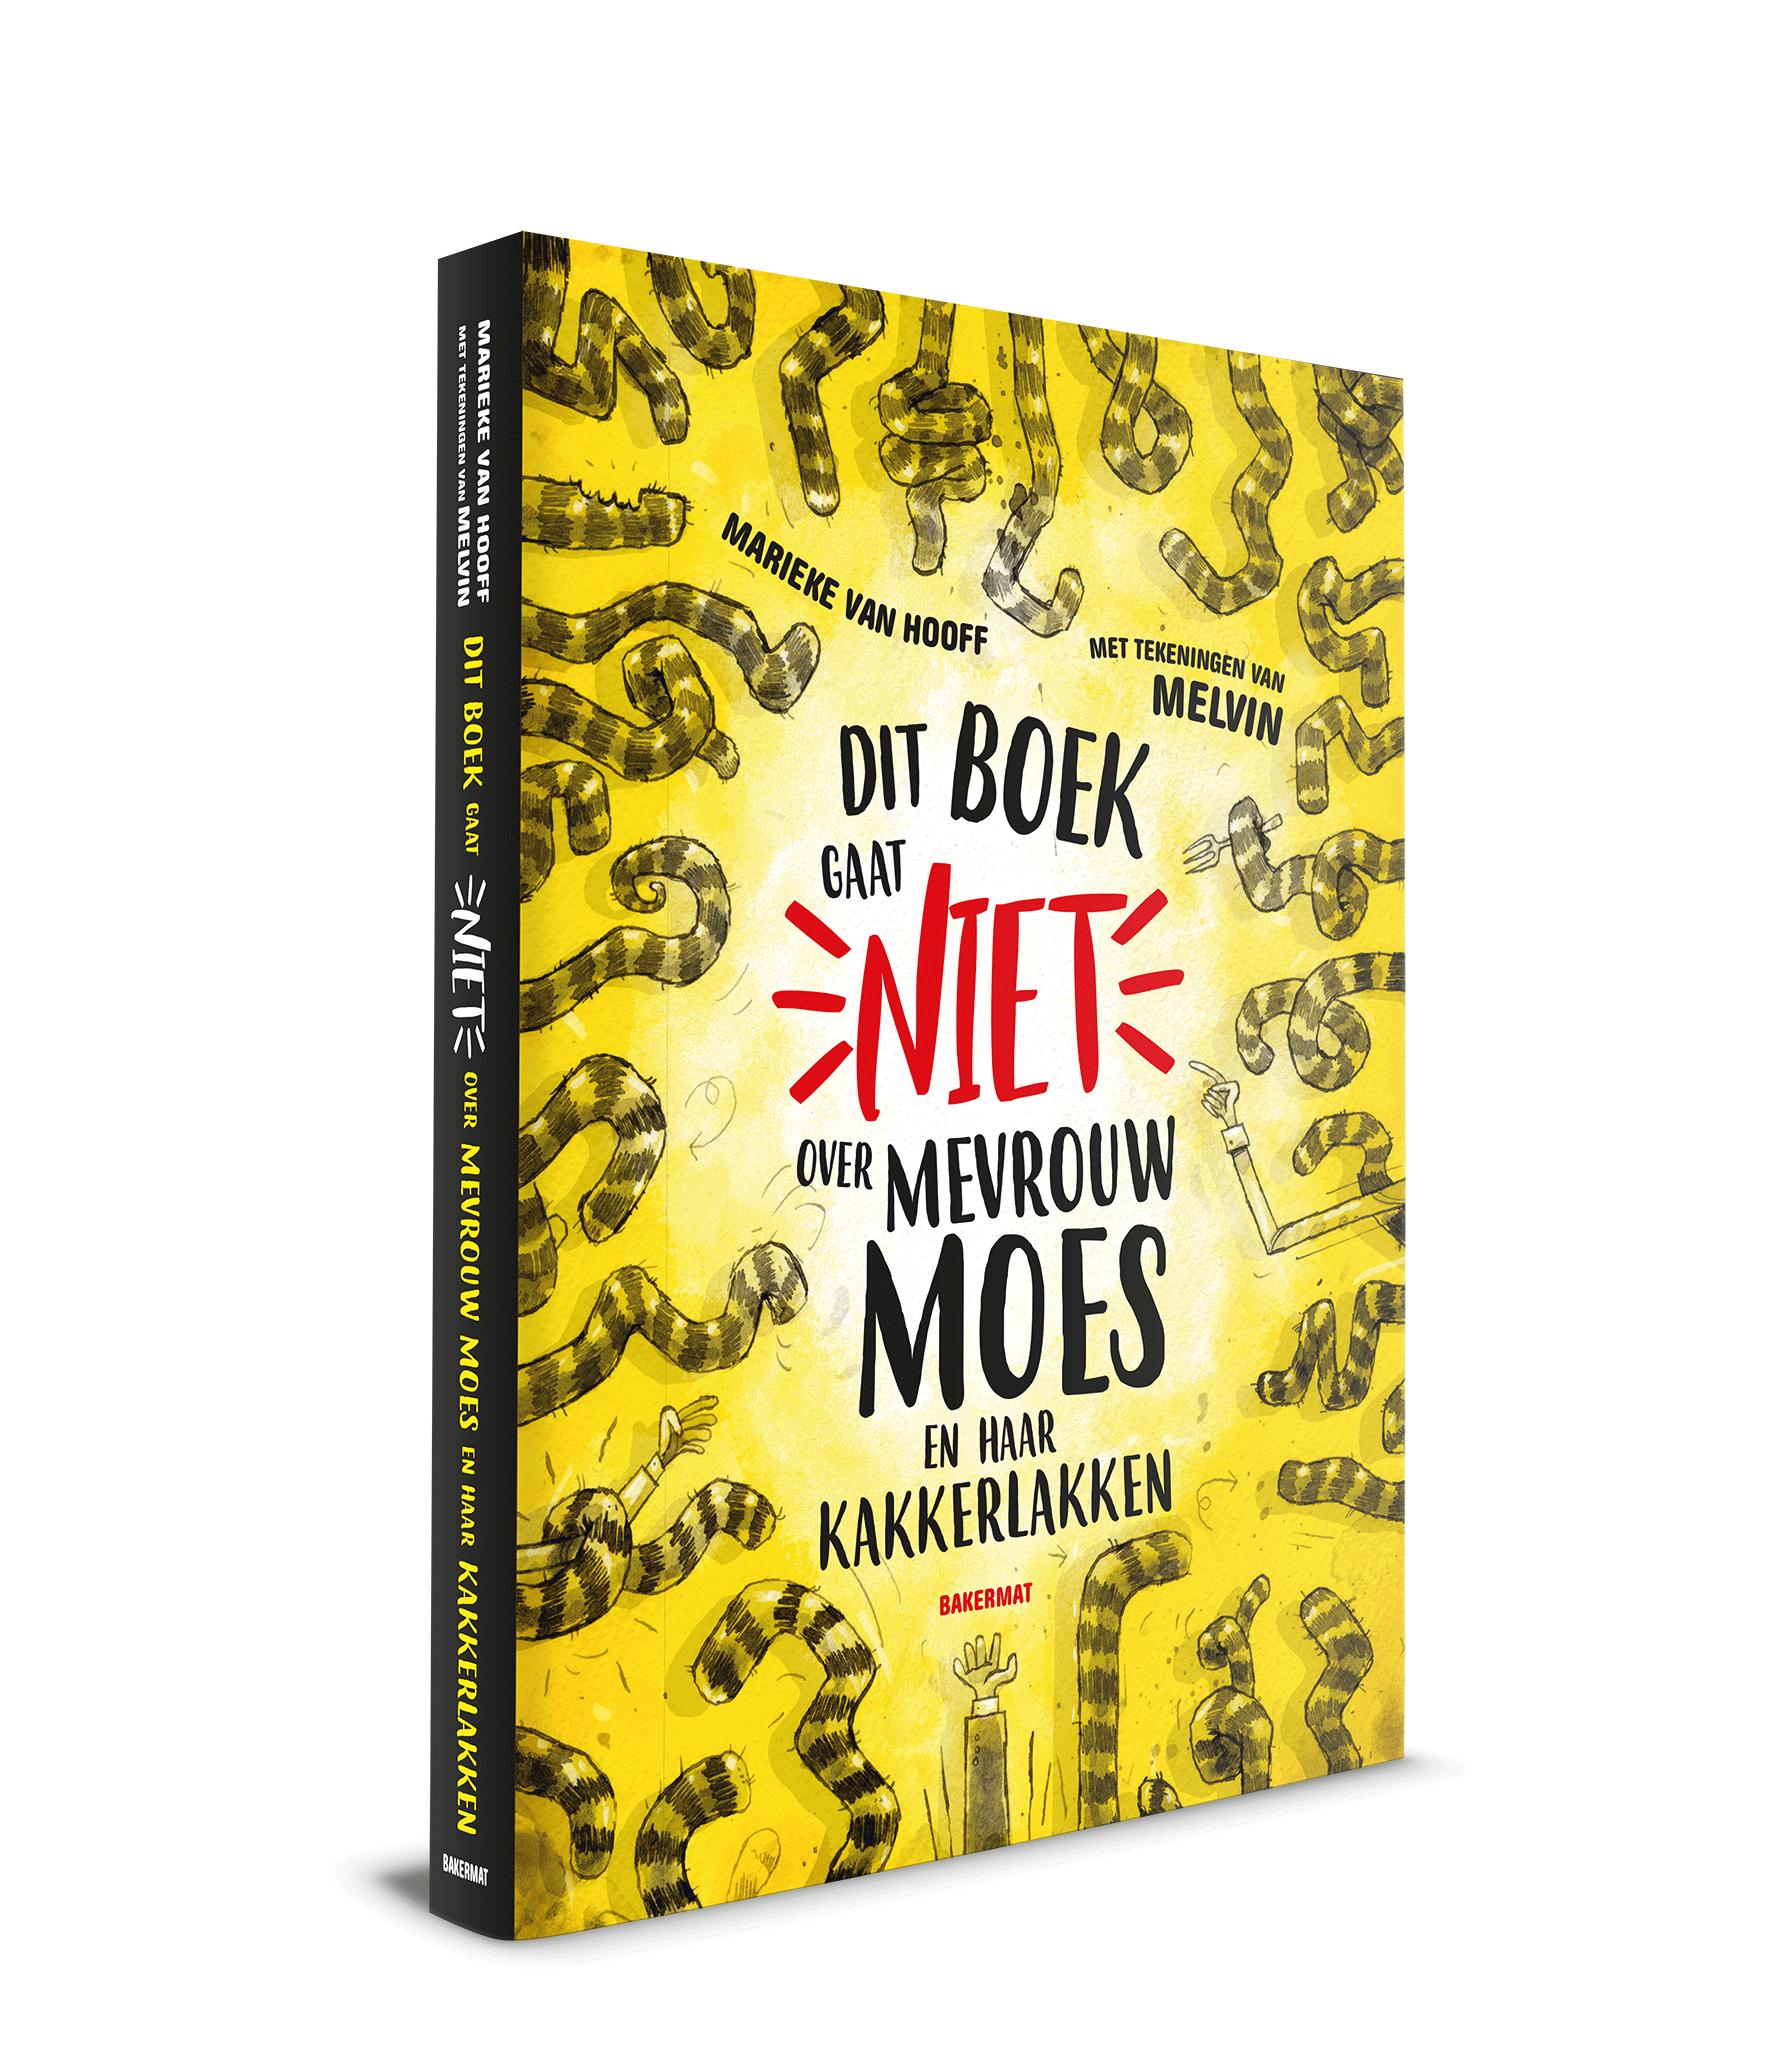 Dit boek gaat niet over mevrouw Moes en haar kakkerlakker